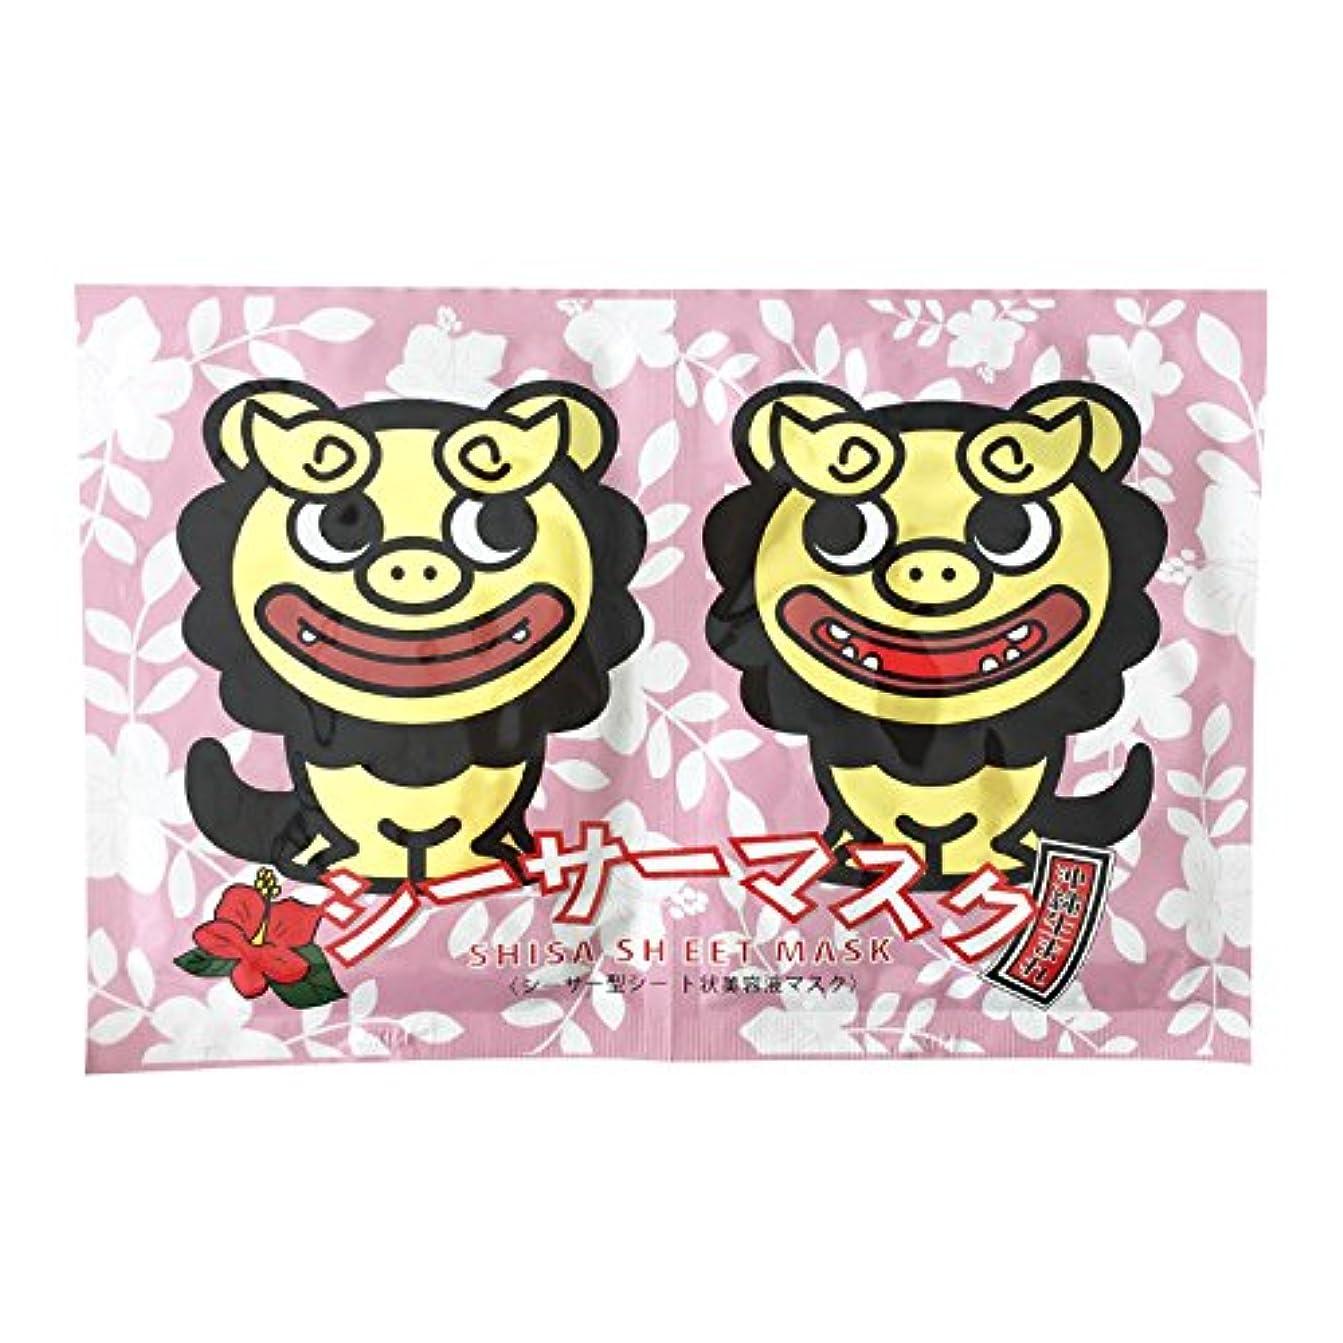 評議会集団候補者ちゅらシーサー シーサーマスク (赤)